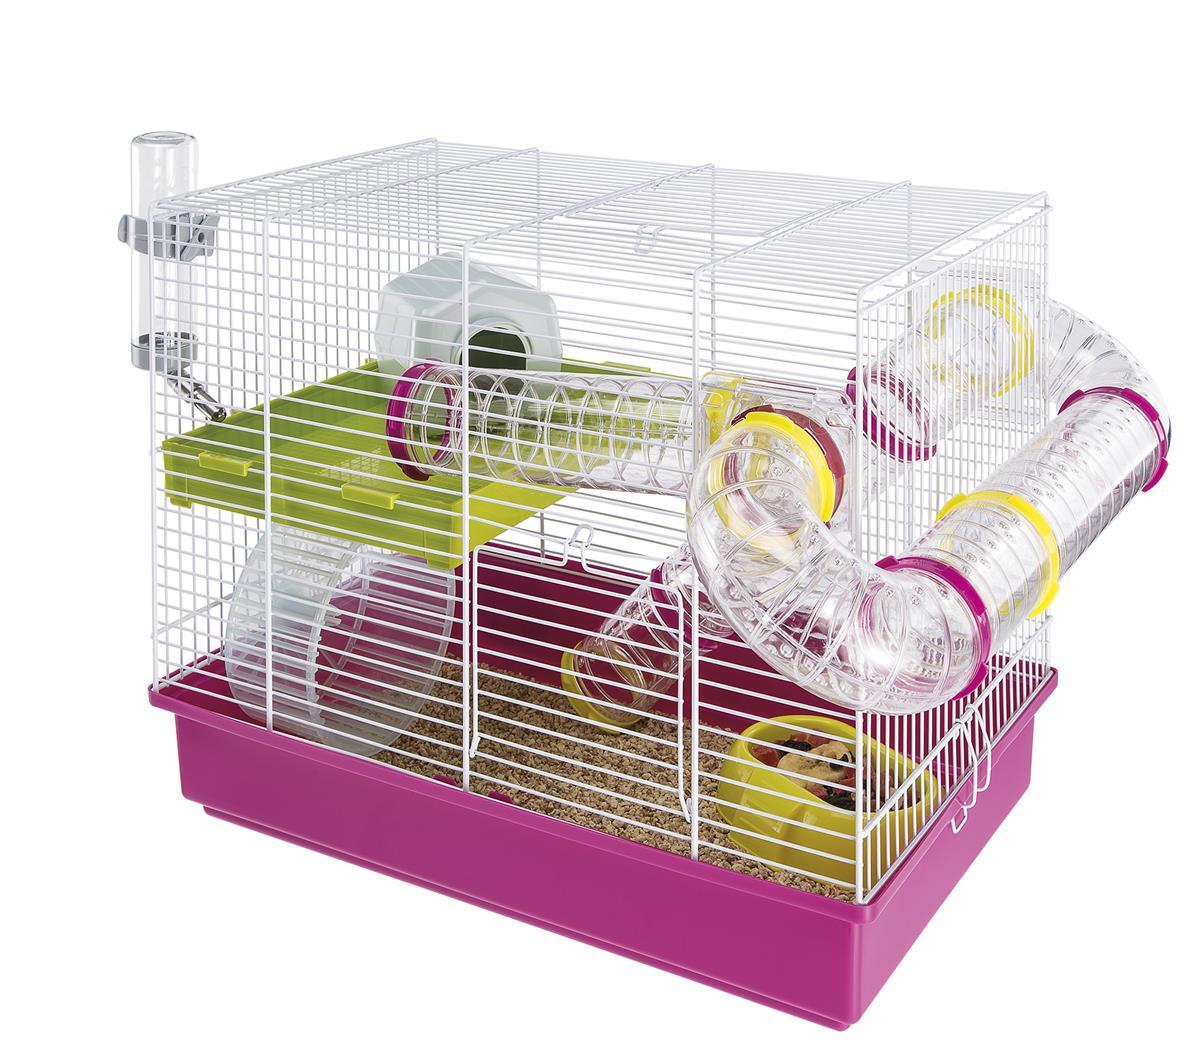 Ferplast laura hamster hvit/rosa 46x29.5x37.5 cm